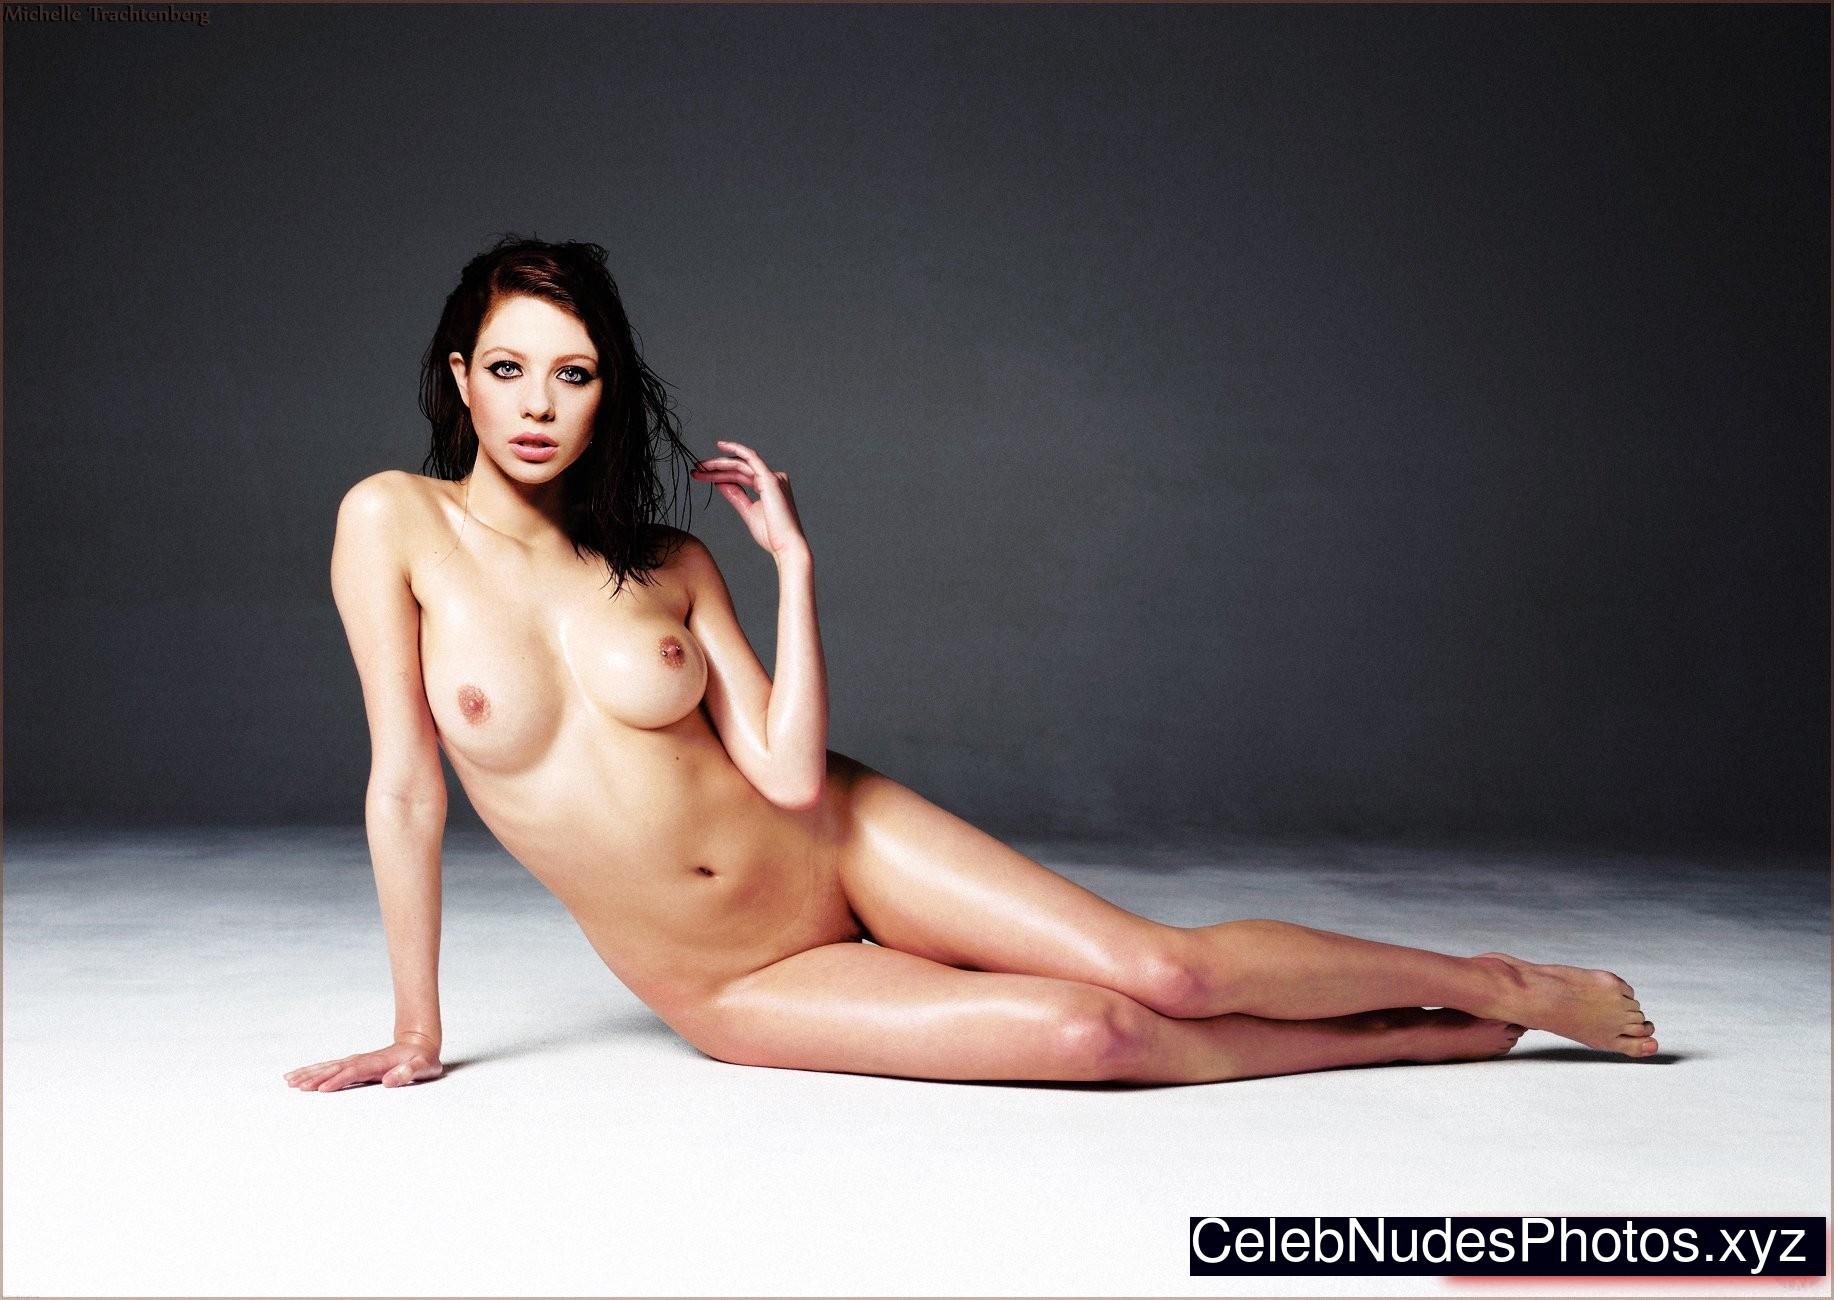 Michelle trachtenberg sexy photos